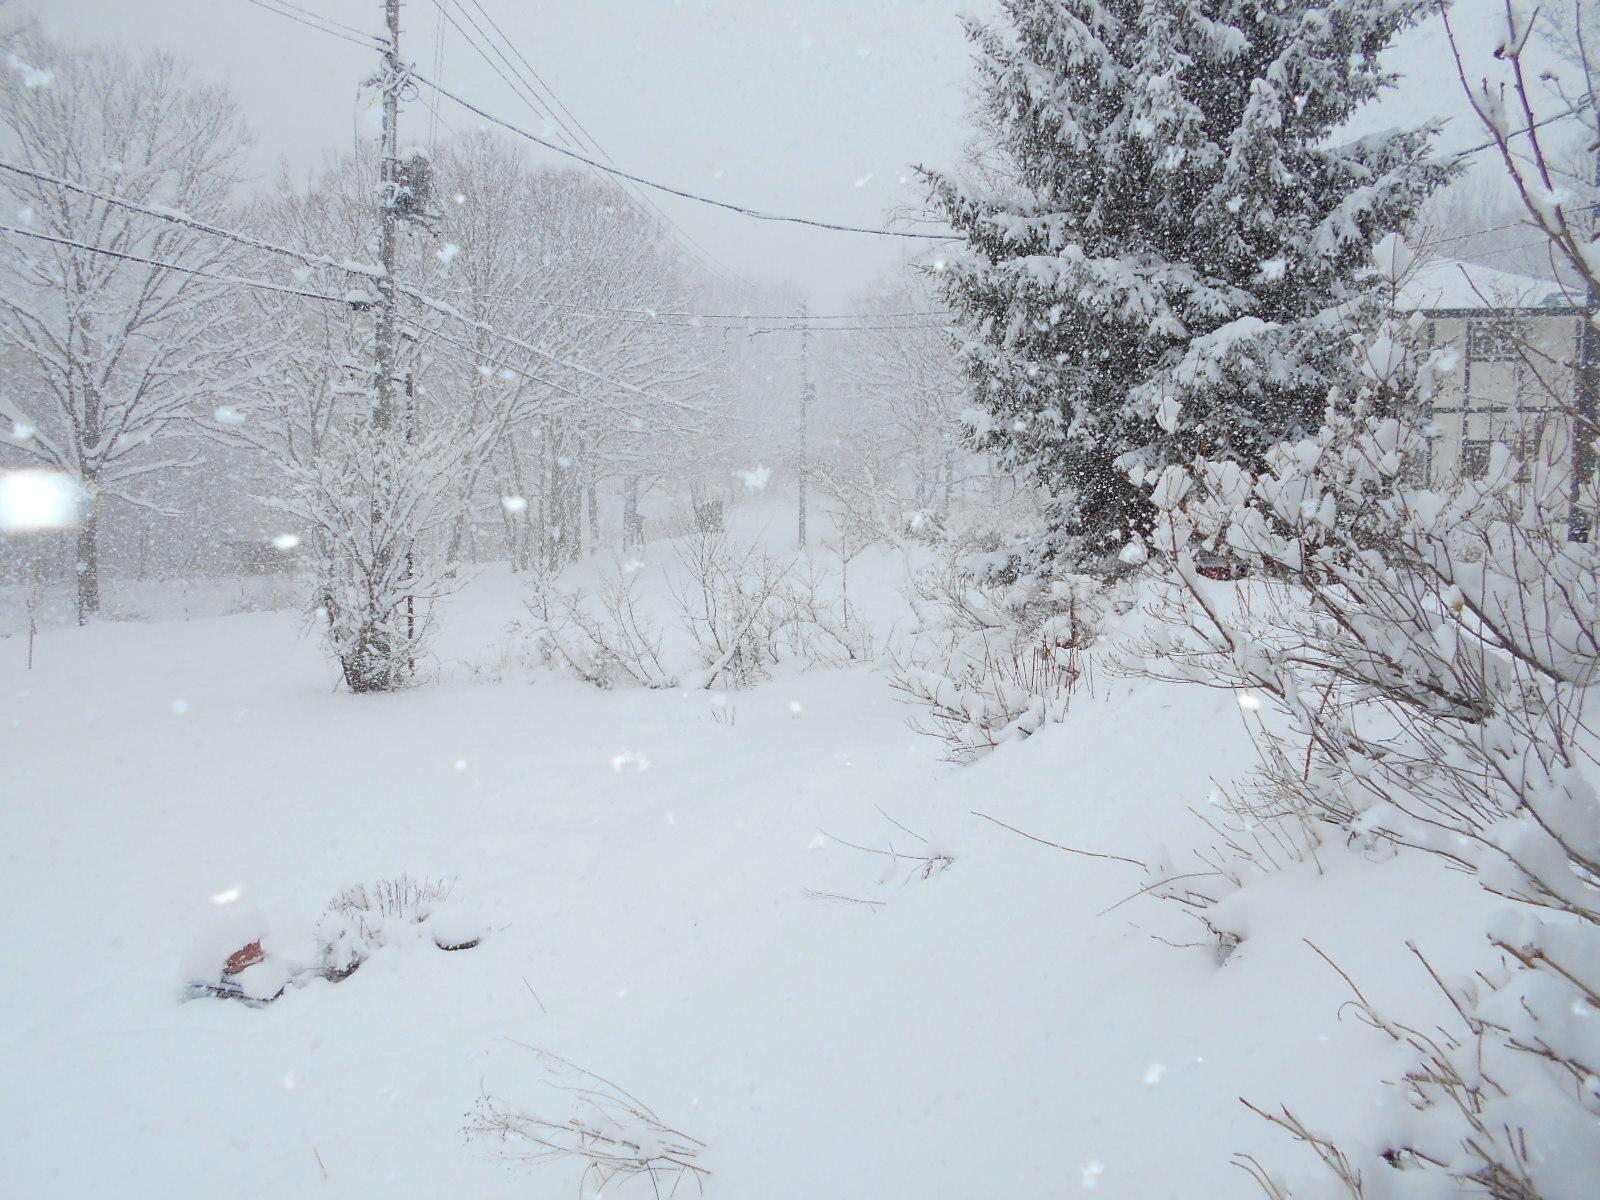 4月6日 月曜日 大雪 0度_f0210811_09105736.jpg